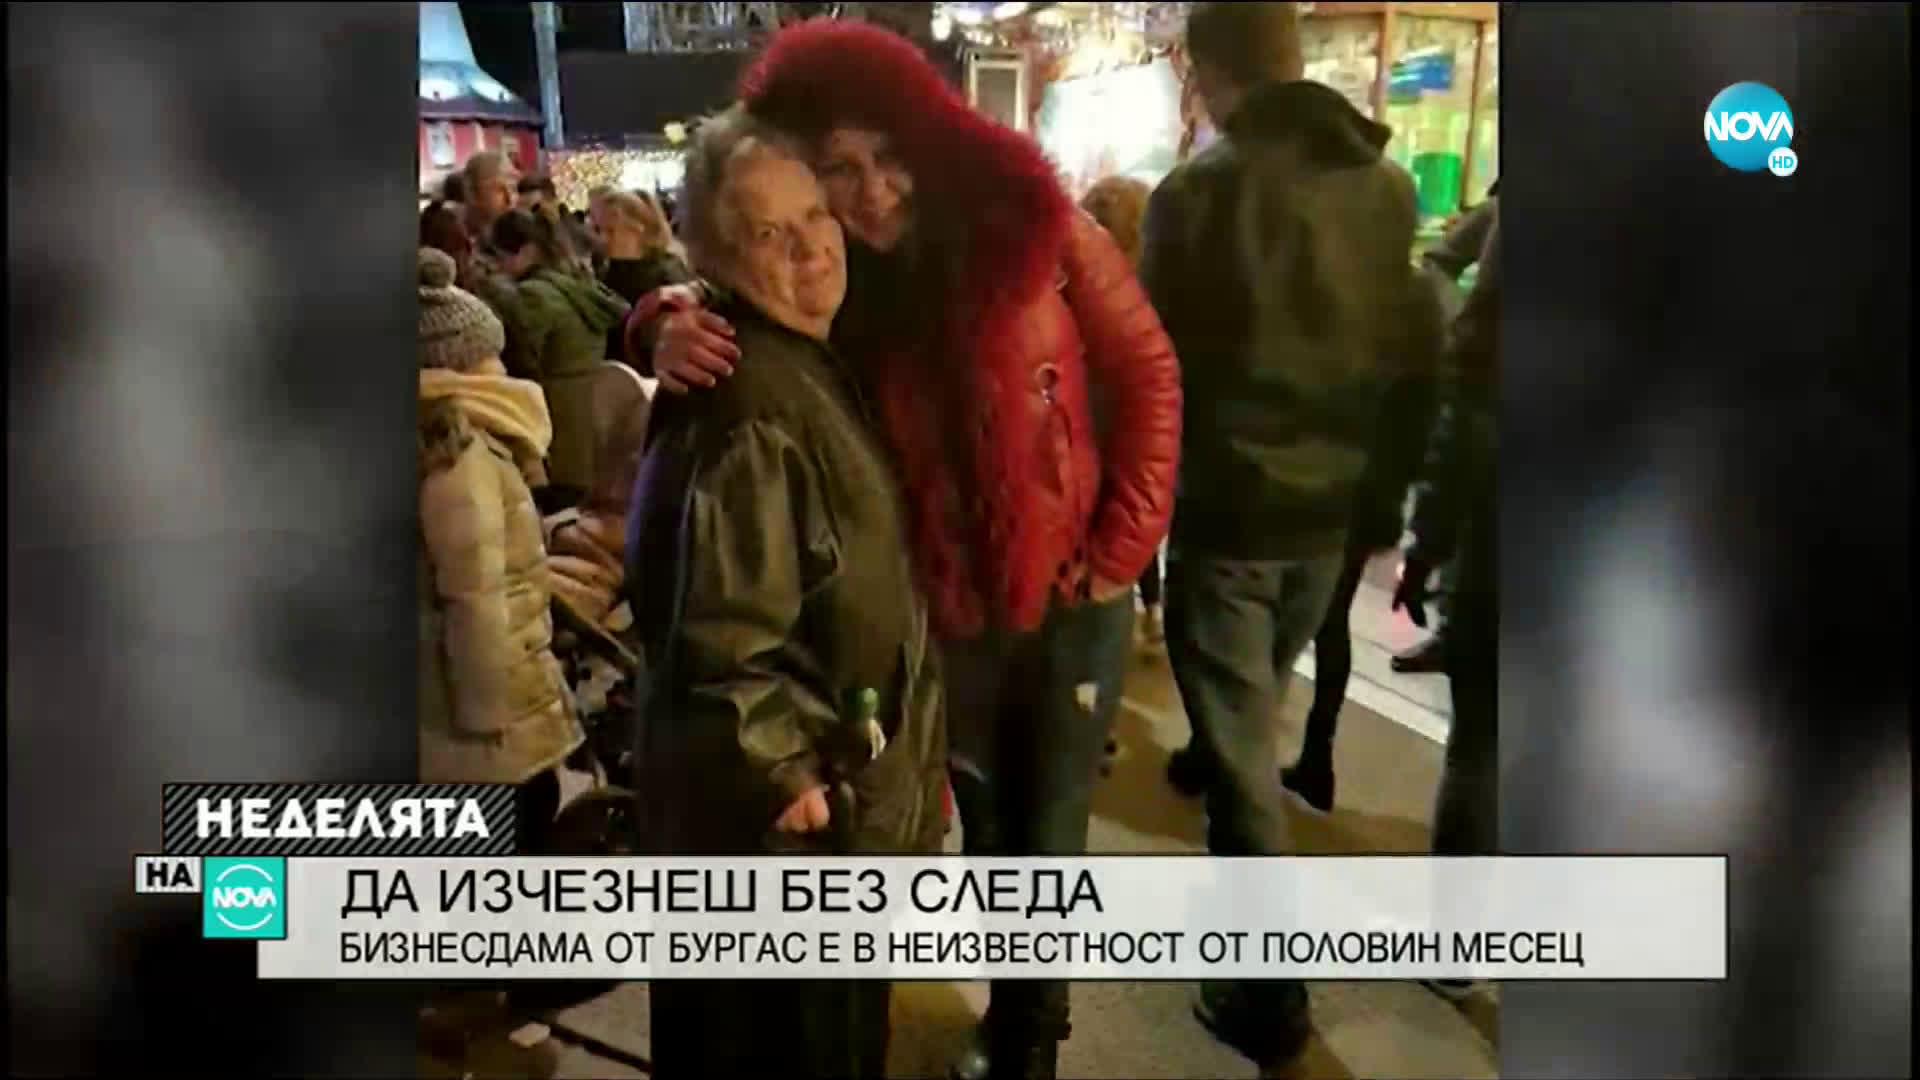 БЕЗ СЛЕДА: Бизнесдама от Бургас е в неизвестност от половин месец